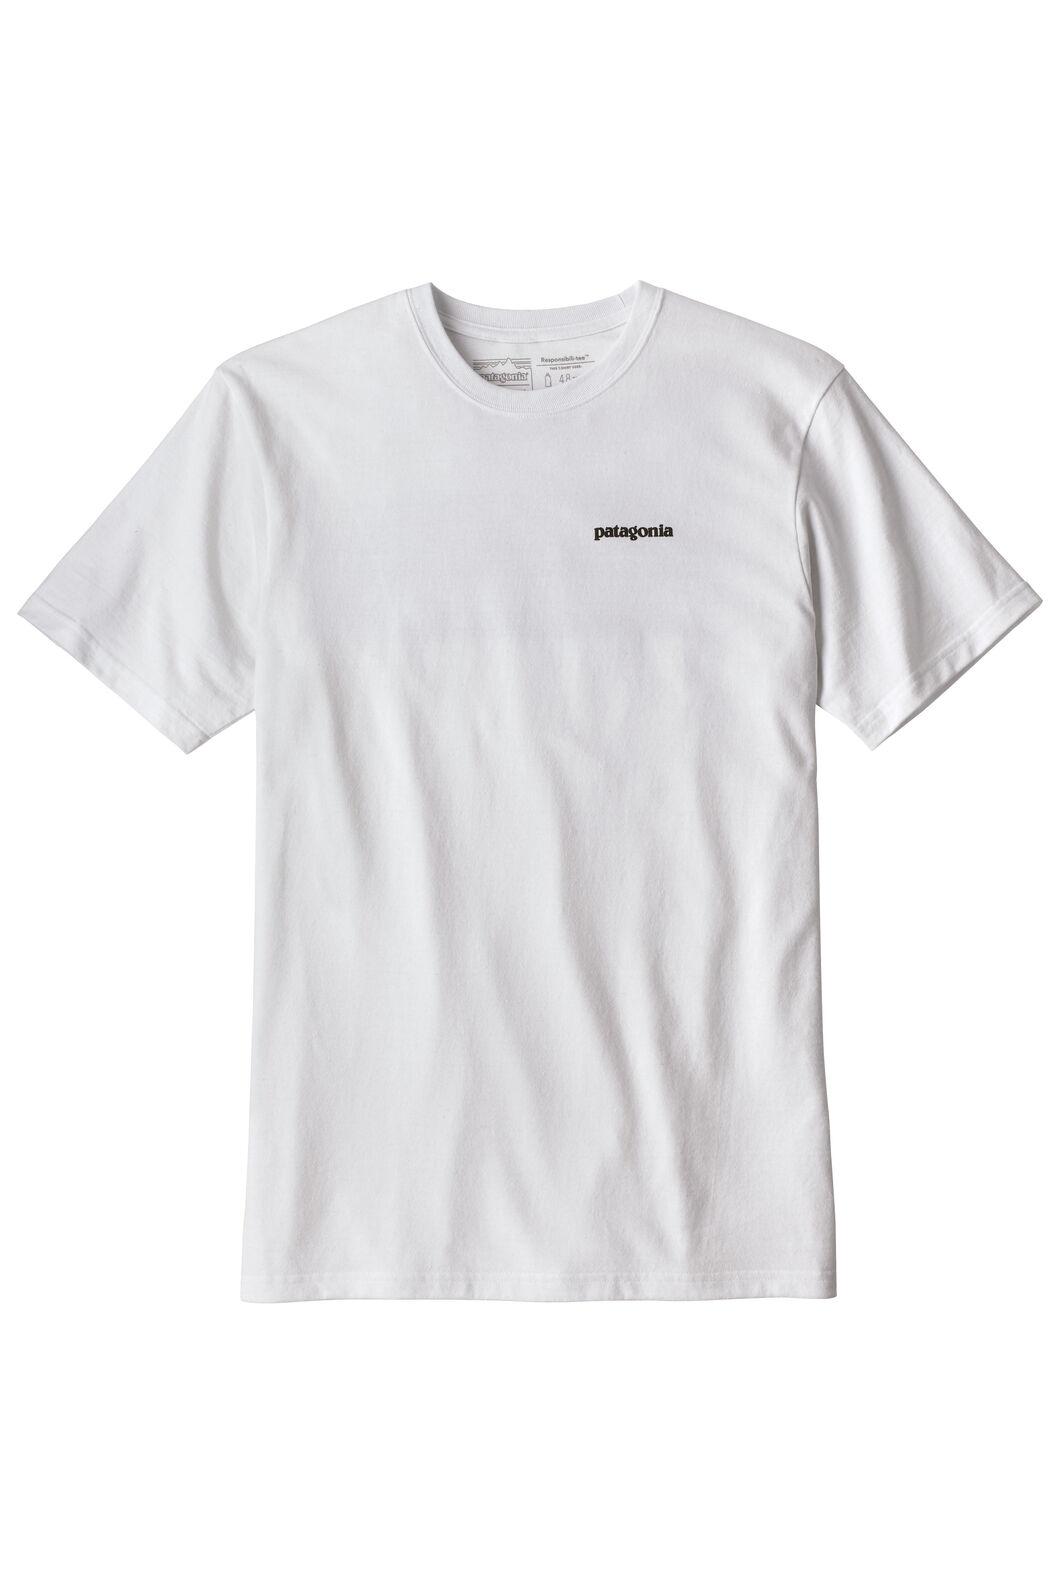 Patagonia M's P6 Logo Tee, White, hi-res